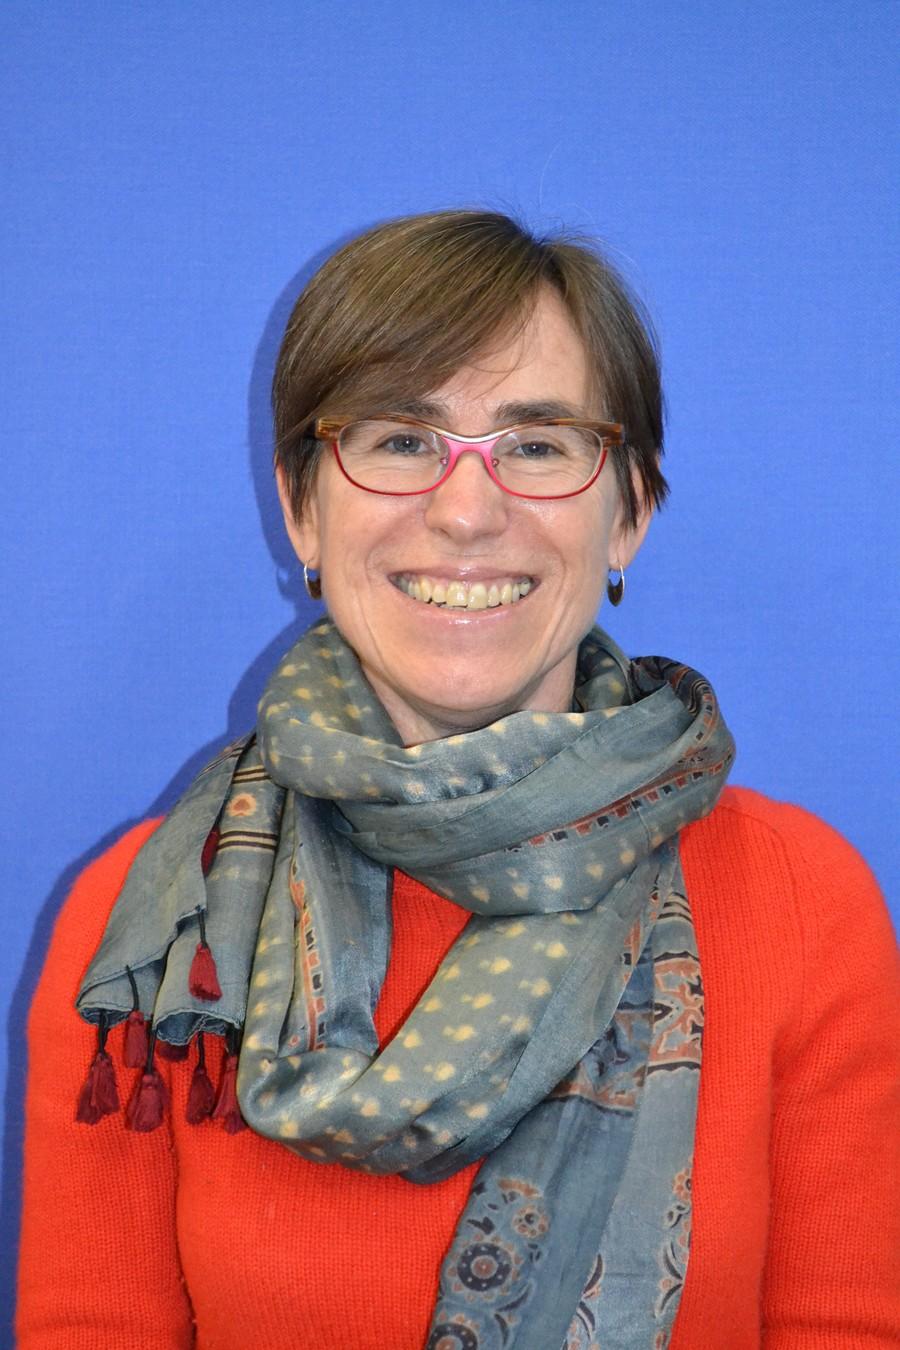 Ingrid Olsen